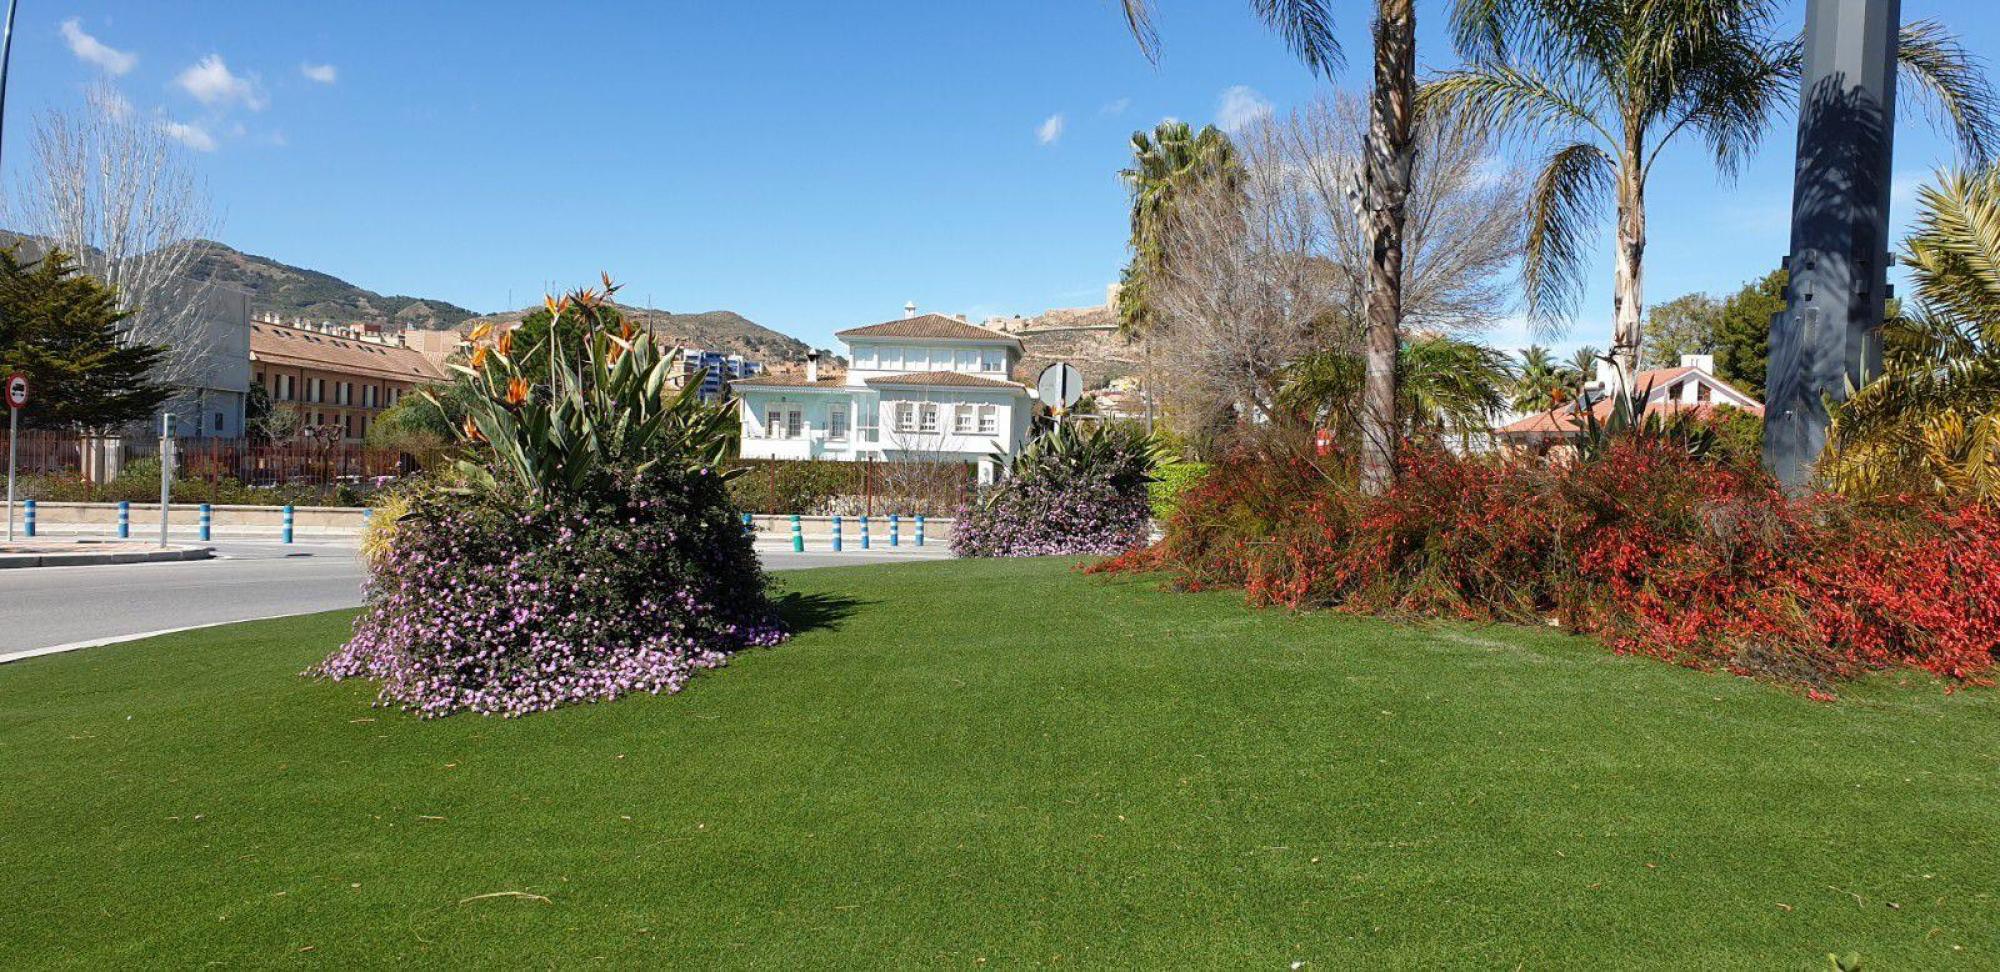 El Ayuntamiento de Lorca lleva a cabo la plantación de más de medio millar de varias especies de árboles en diferentes espacios y zonas verdes del municipio